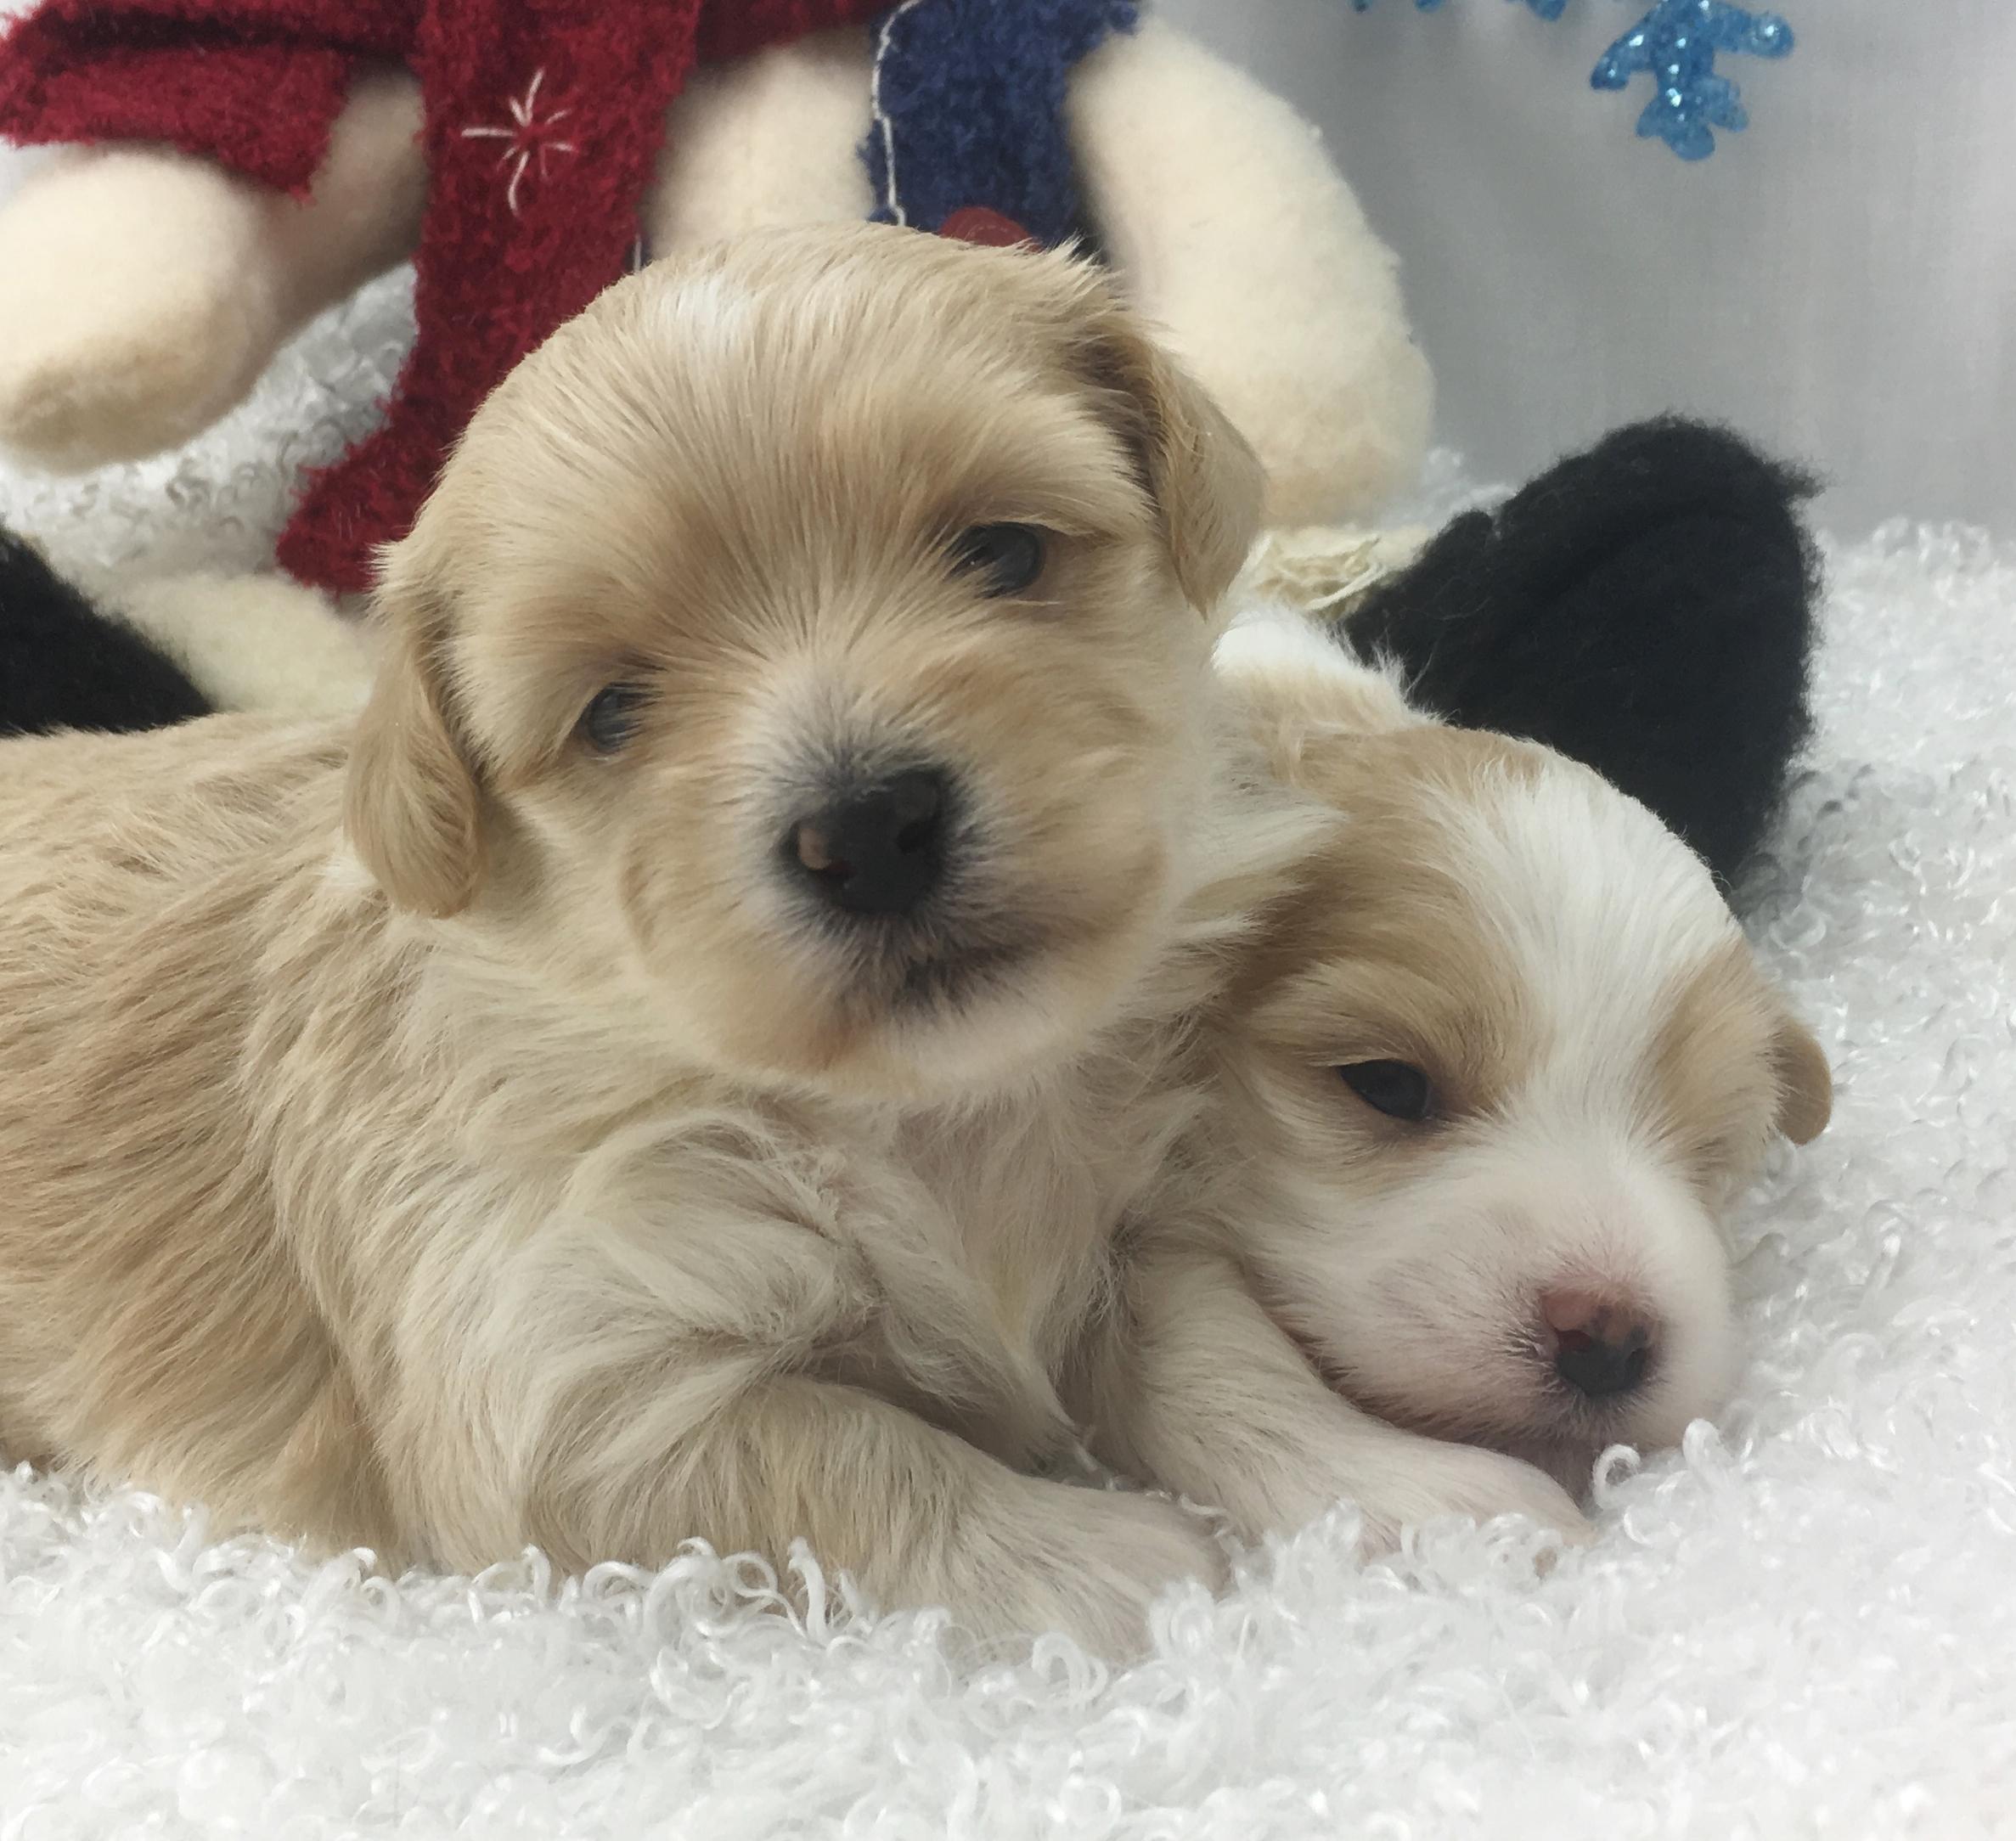 Happys-pup-4